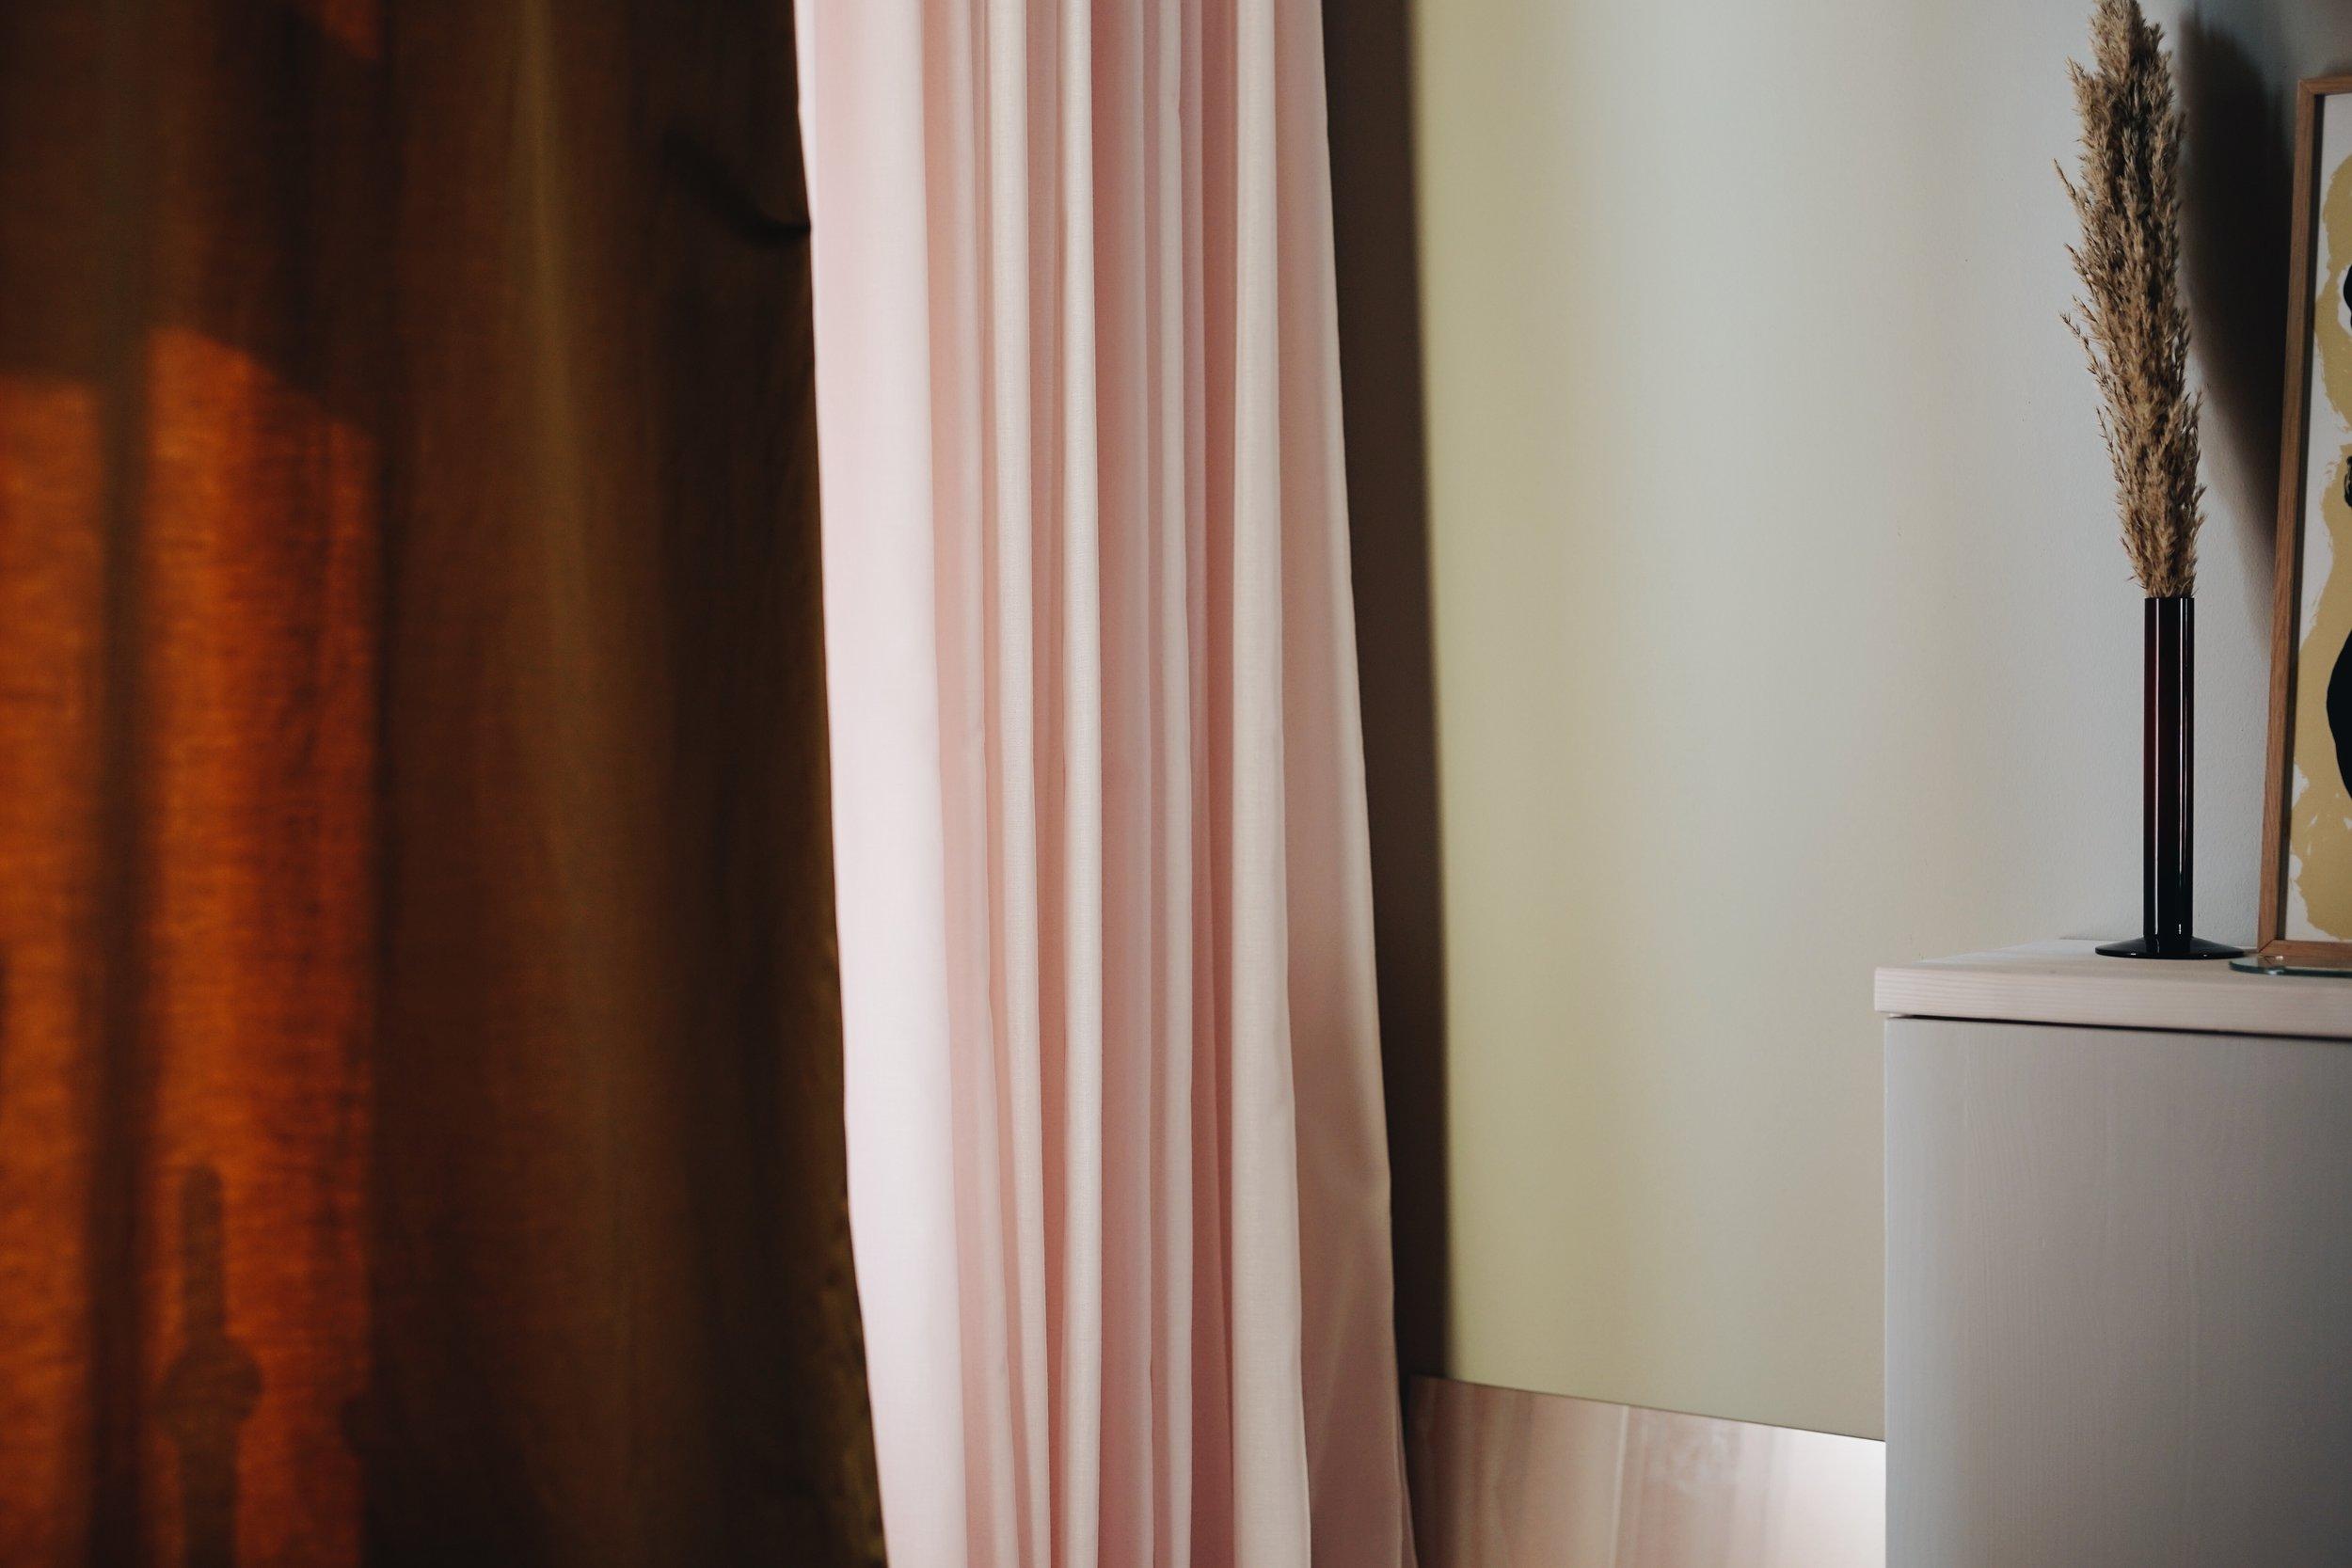 ASROSENVINGE_Arne Aksel_Curtains_Frederiksberg_Home-34.JPG